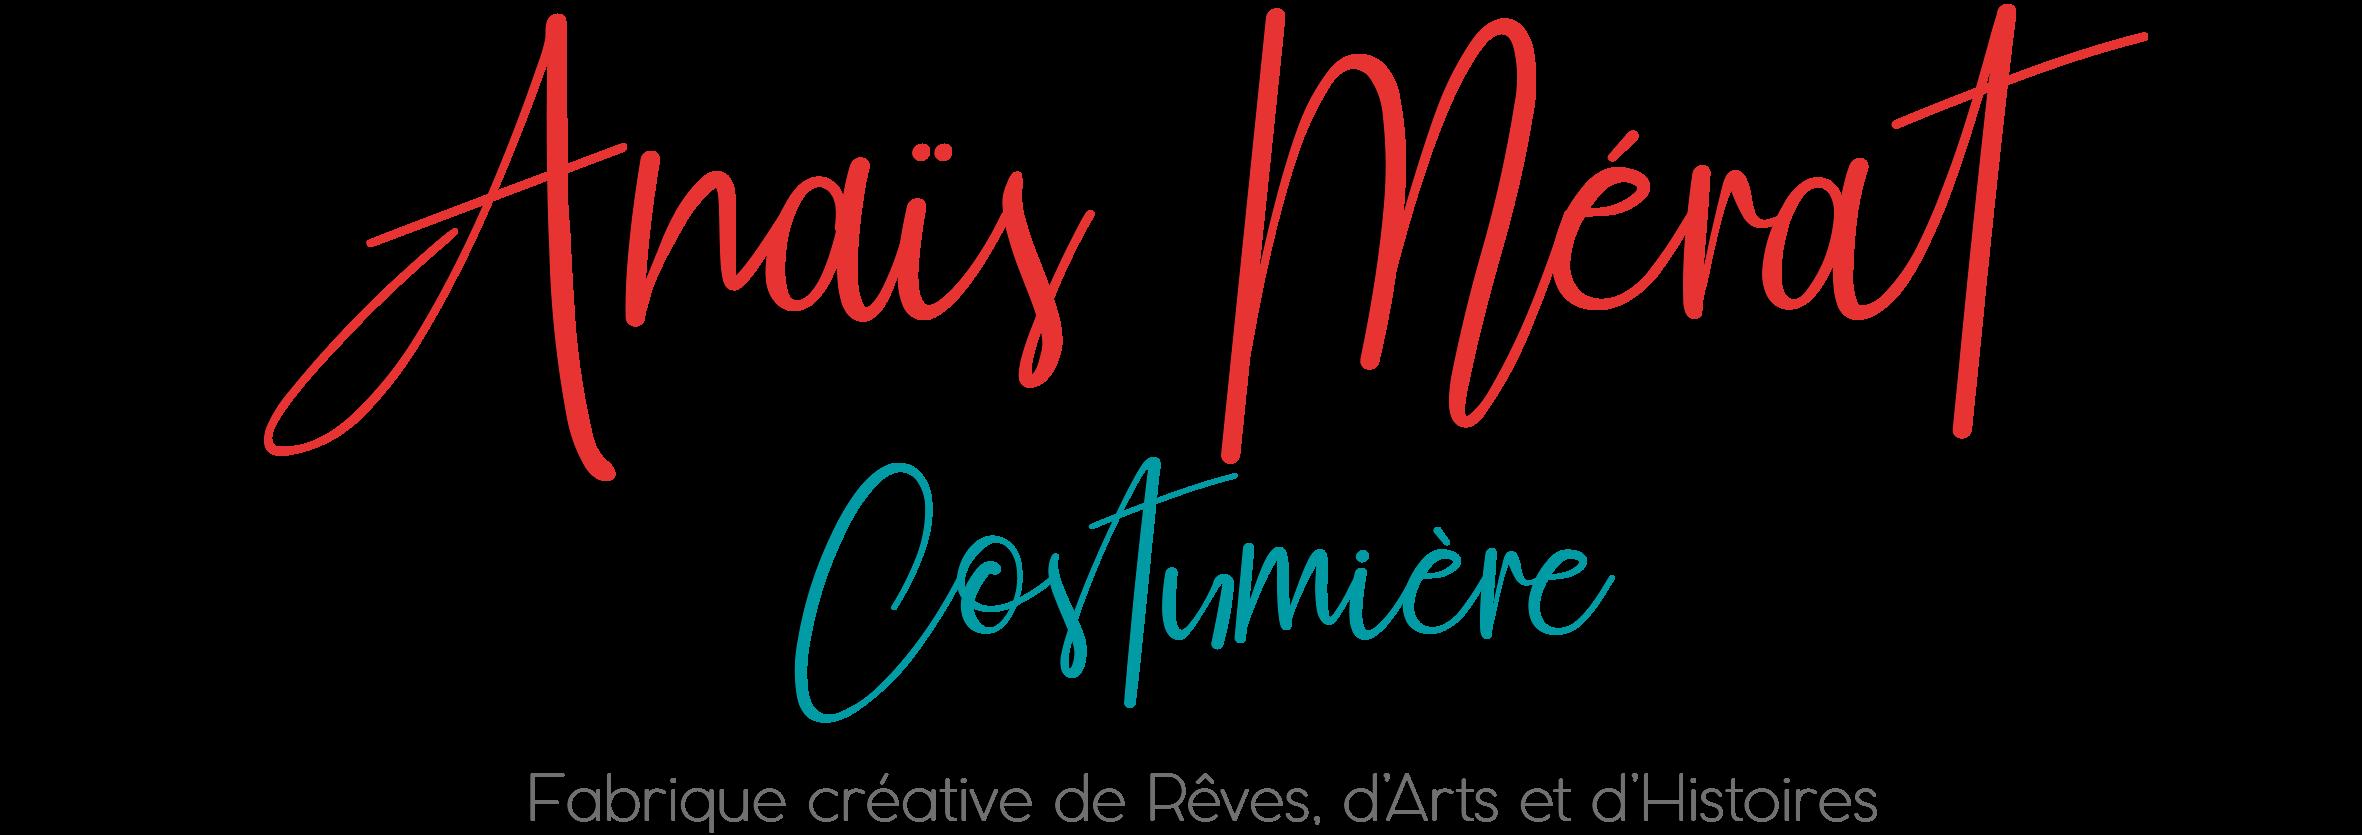 Anaïs Mérat Costumière